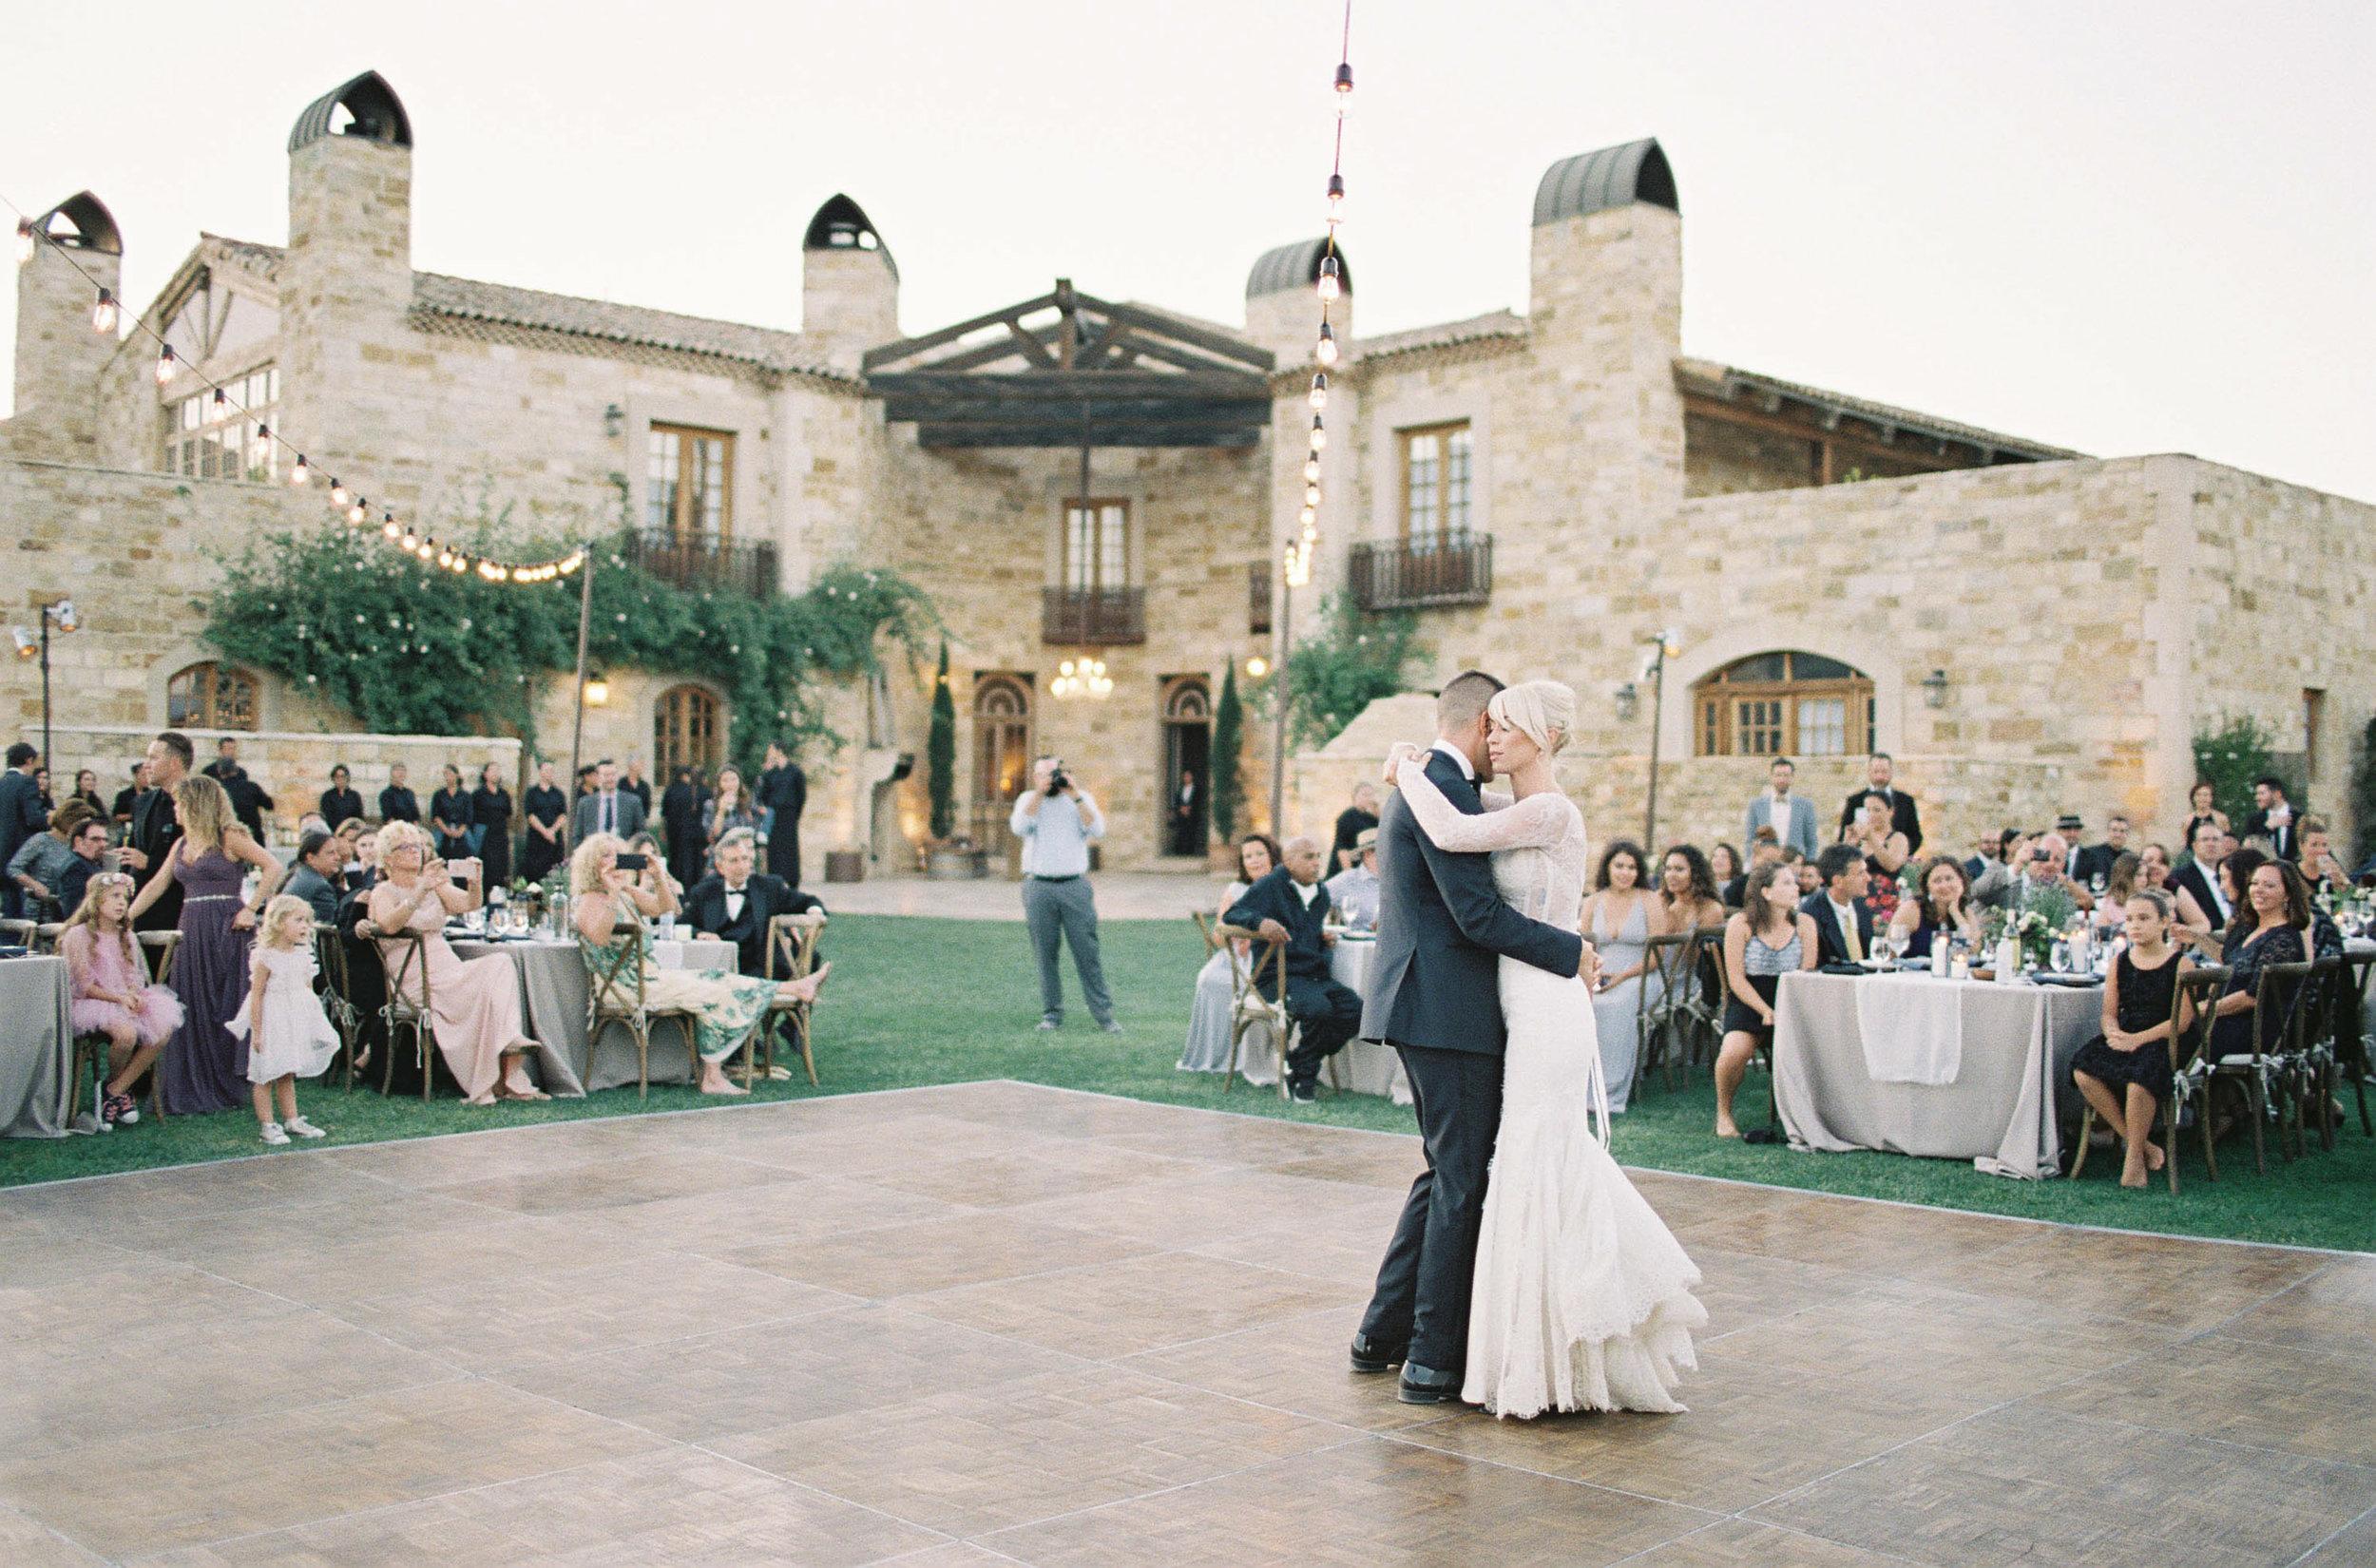 Sunstone_Villa_Wedding-134-Jen-Huang-JTEd-255-Jen_Huang-002818-R1-029.jpg